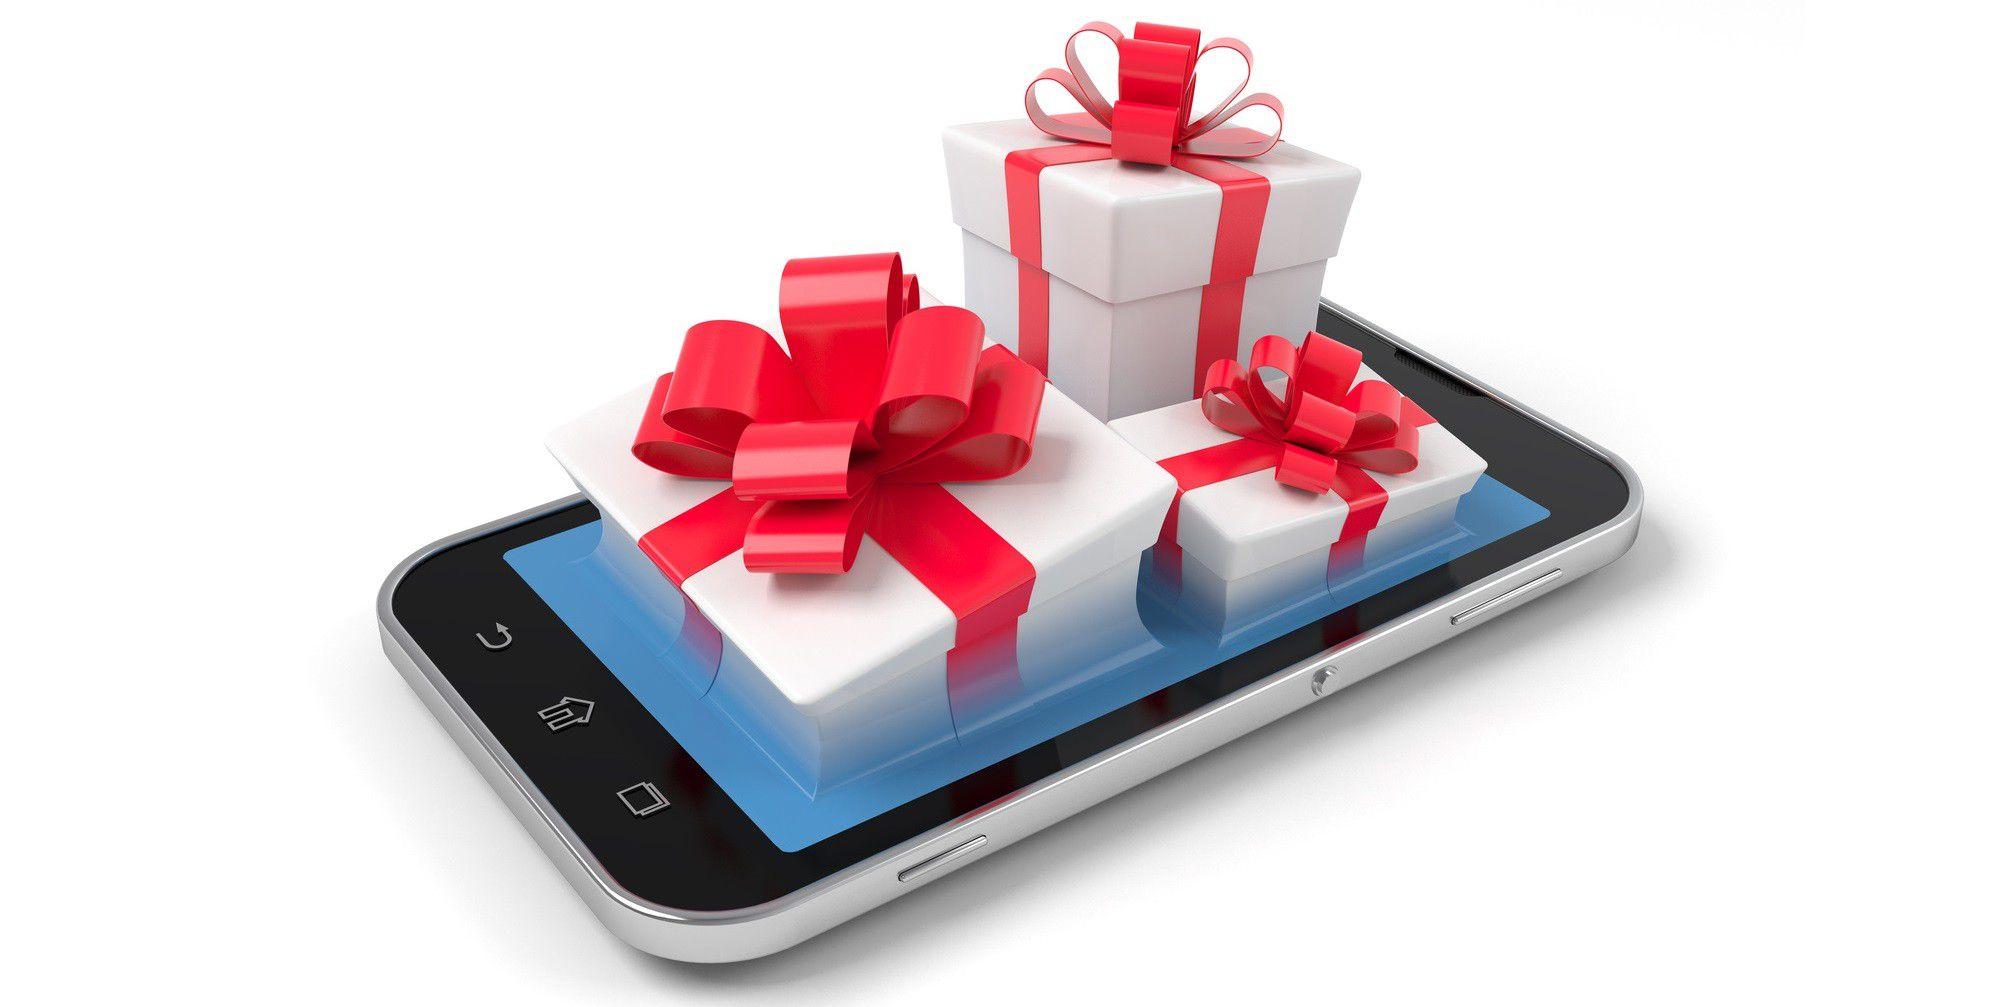 Tolle Weihnachtsgeschenke.Weihnachtsgeschenke Für Einen Guten Zweck Pc Welt